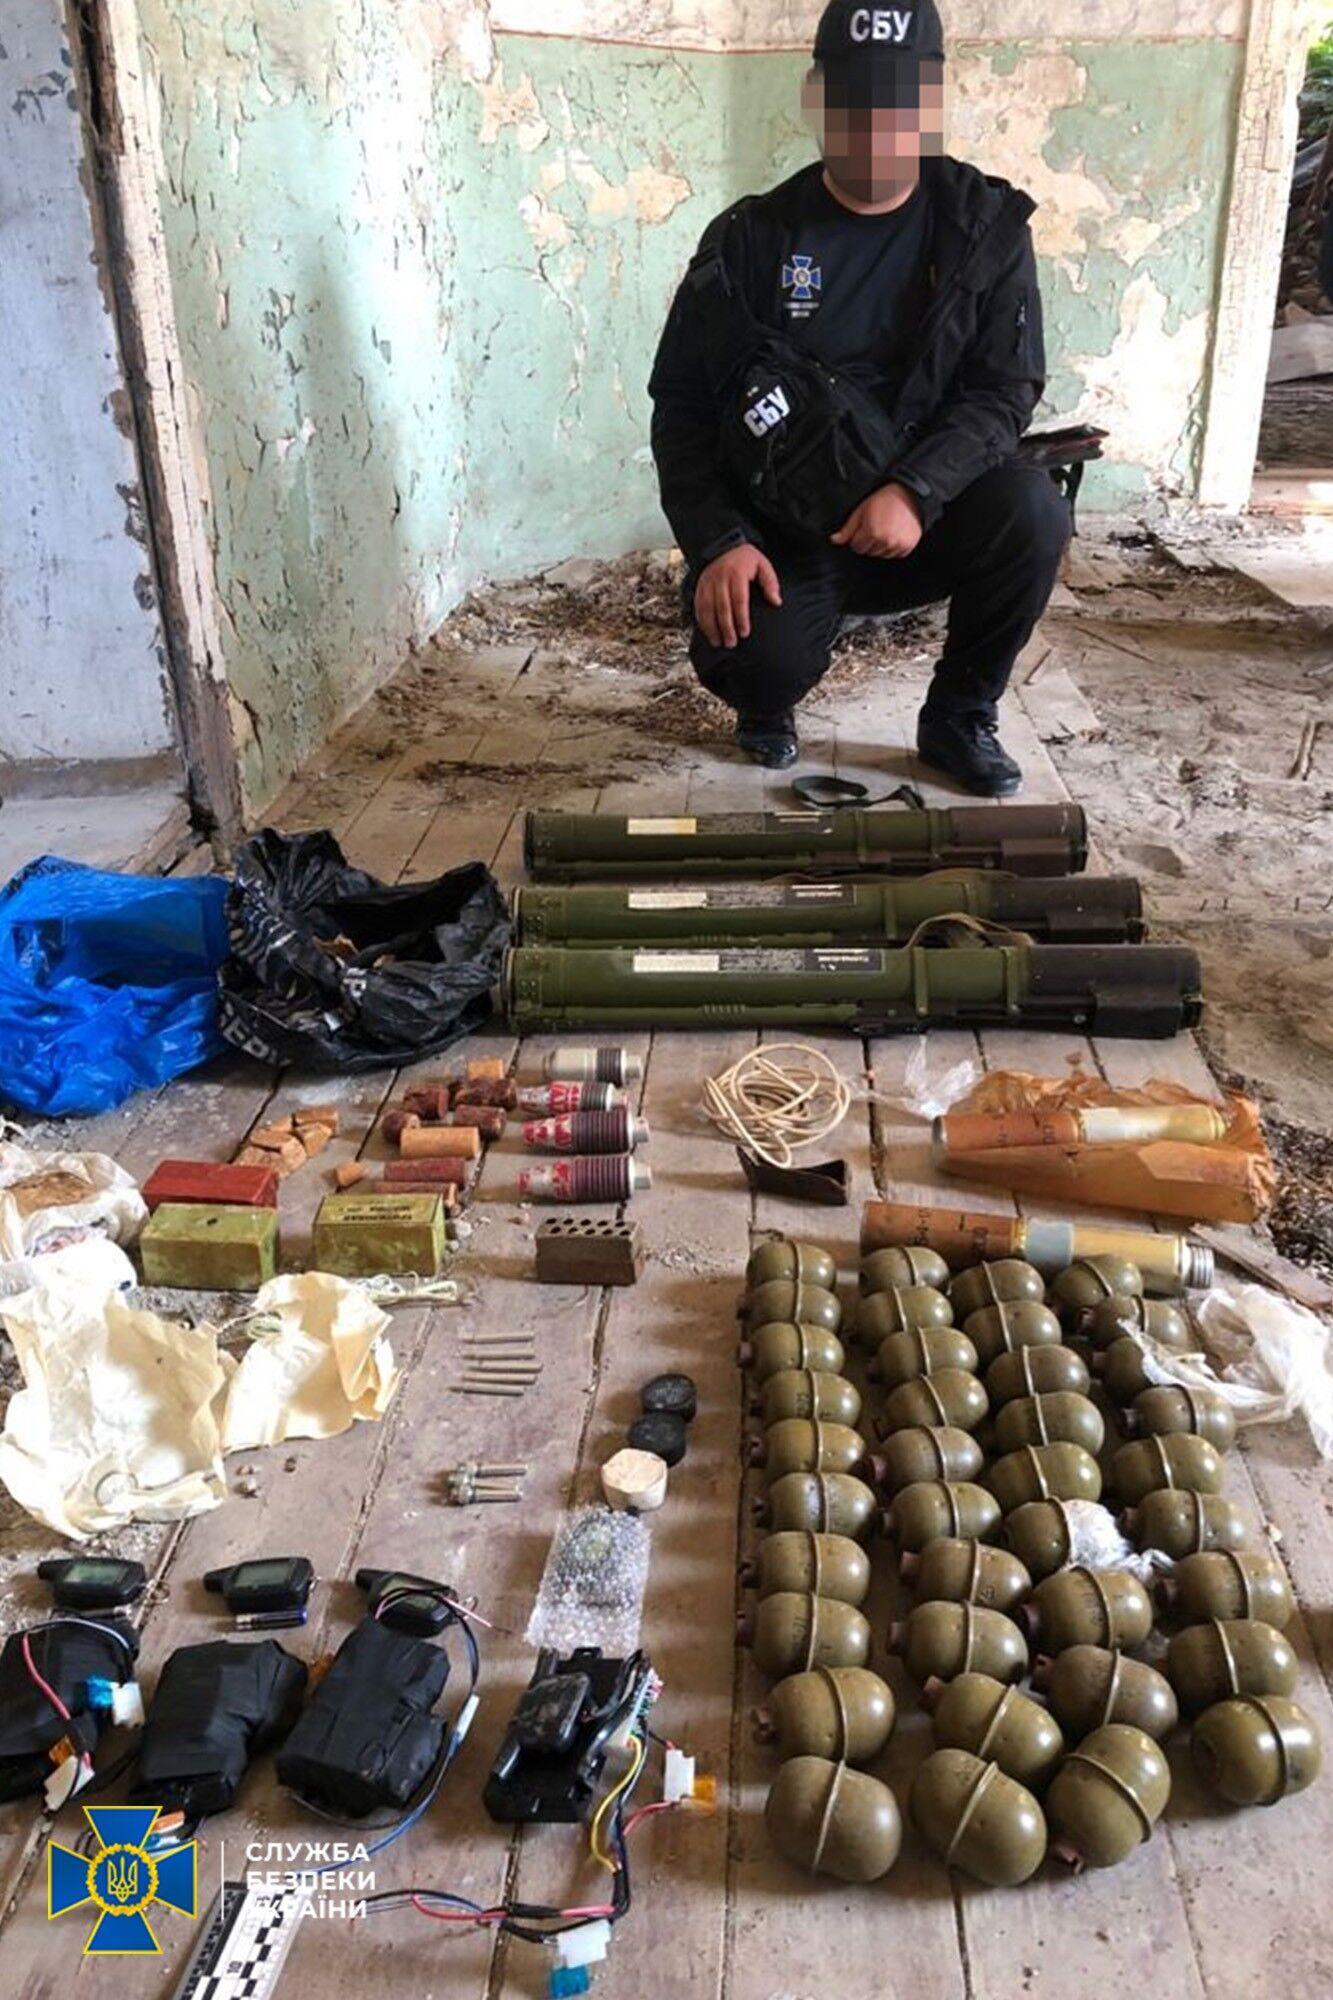 Зі схованки, серед іншого, вилучено понад 2 кг вибухівки та реактивні протитанкові гранати.